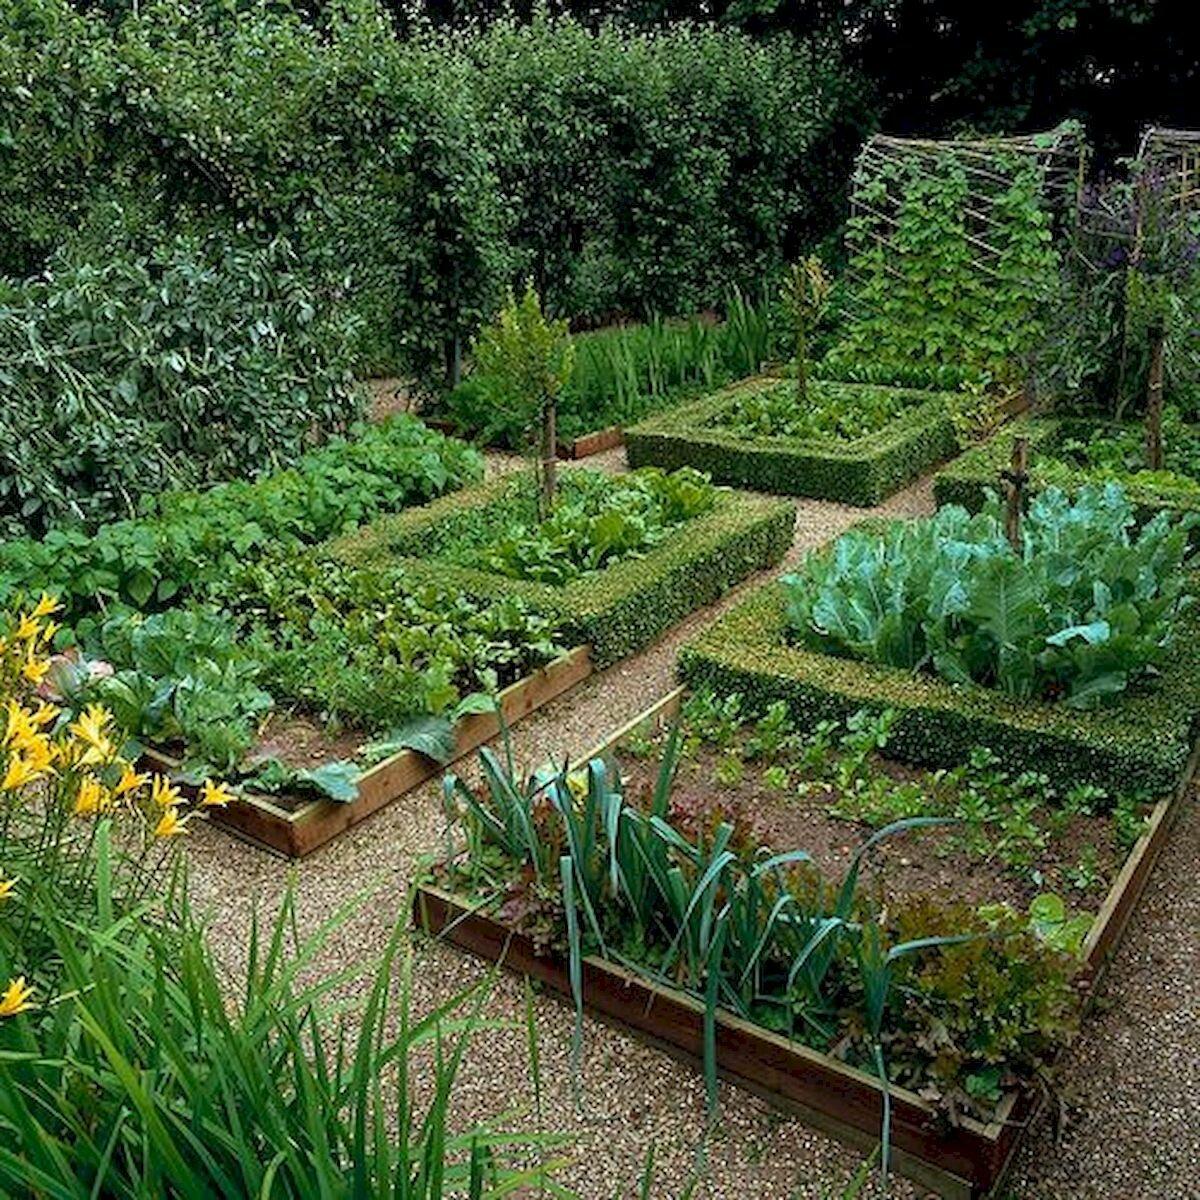 Контейнерные сады и огороды на маленькой даче: идеи, обзор статей на сайте 7 дач